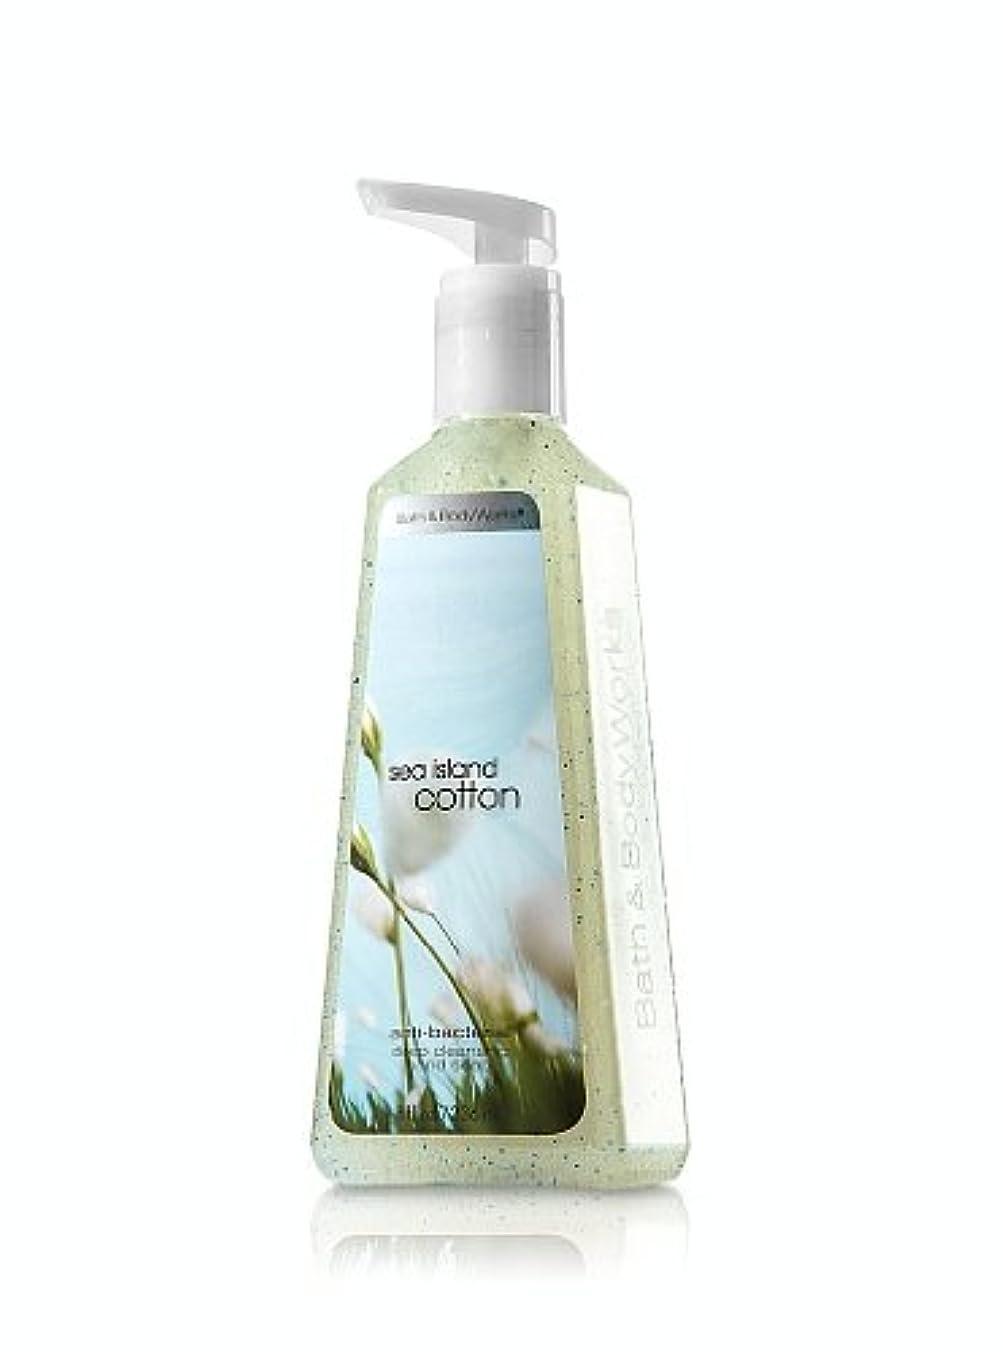 終了する釈義外観バス&ボディワークス シーアイランドコットン ディープクレンジングハンドソープ Sea Island Cotton Deep Cleansing Hand Soap [並行輸入品]